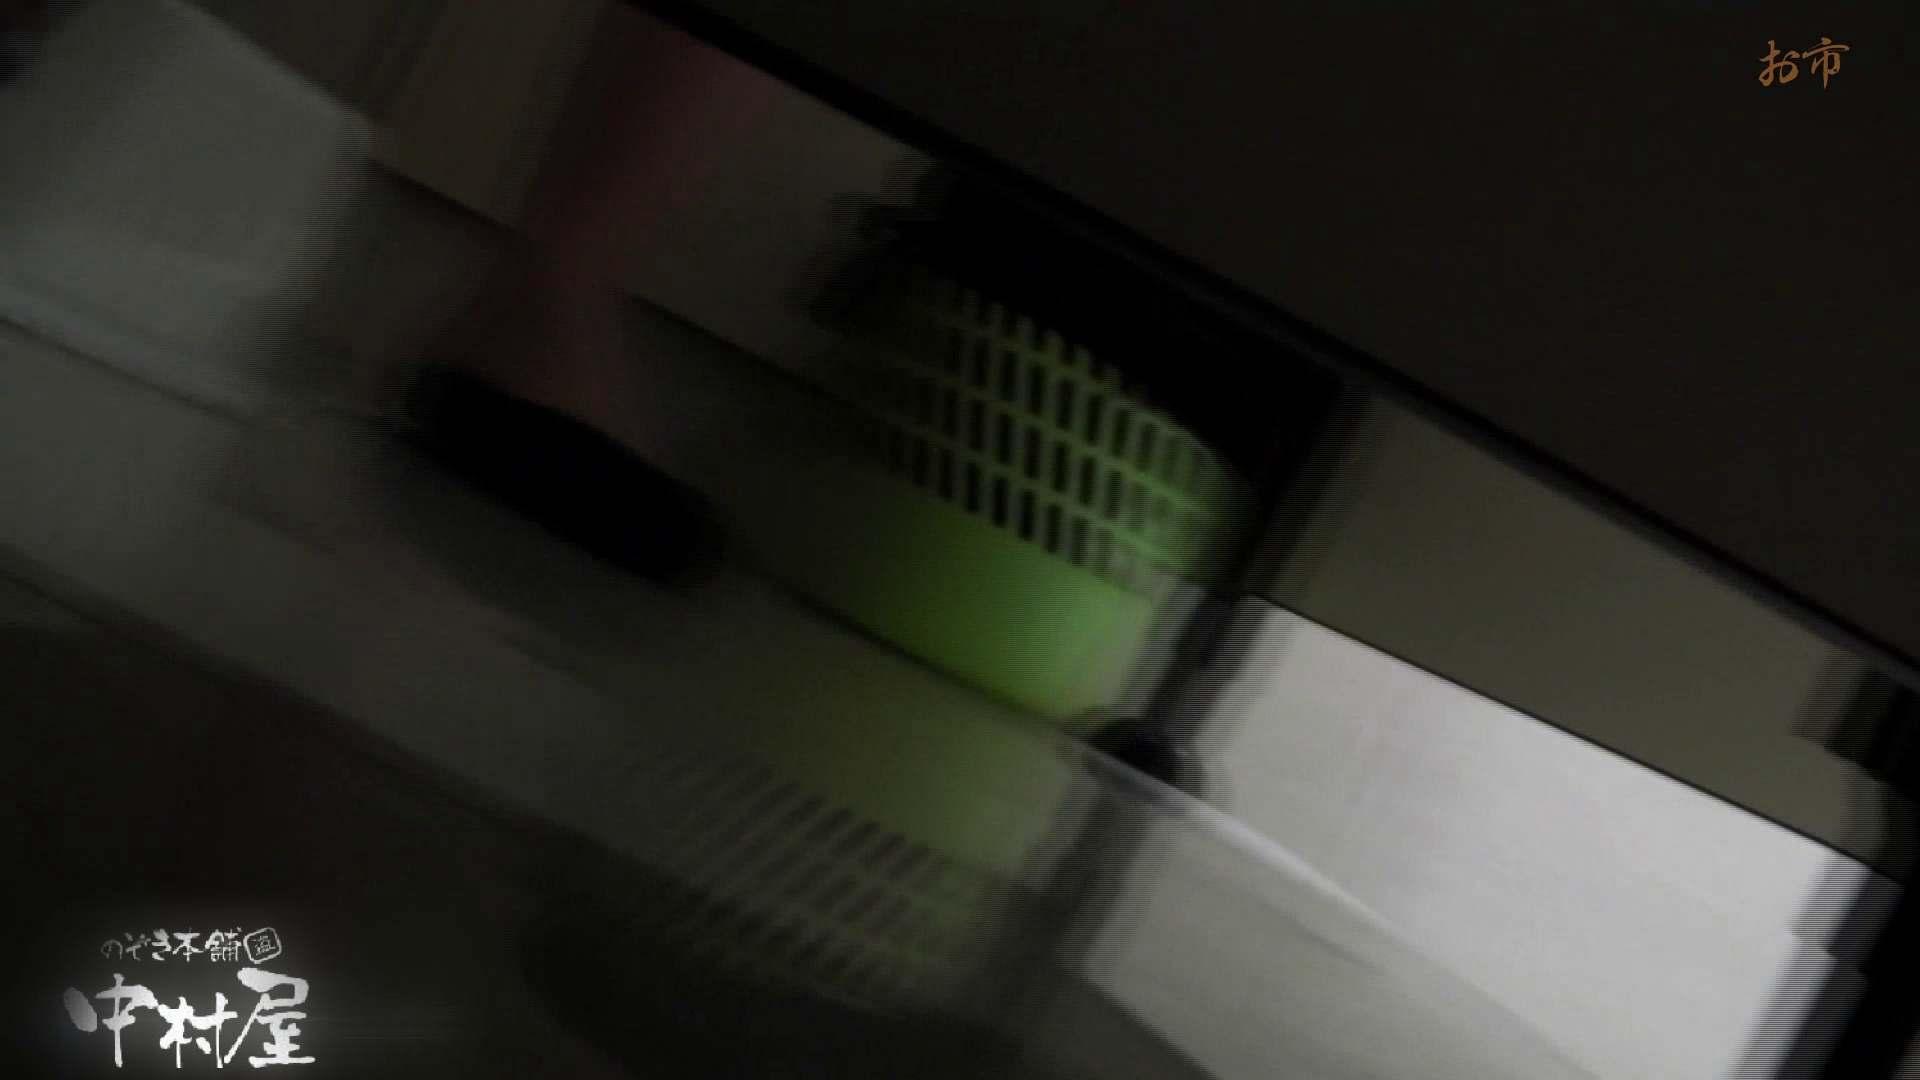 お市さんの「お尻丸出しジャンボリー」No.17 排泄 覗きおまんこ画像 106PICs 93